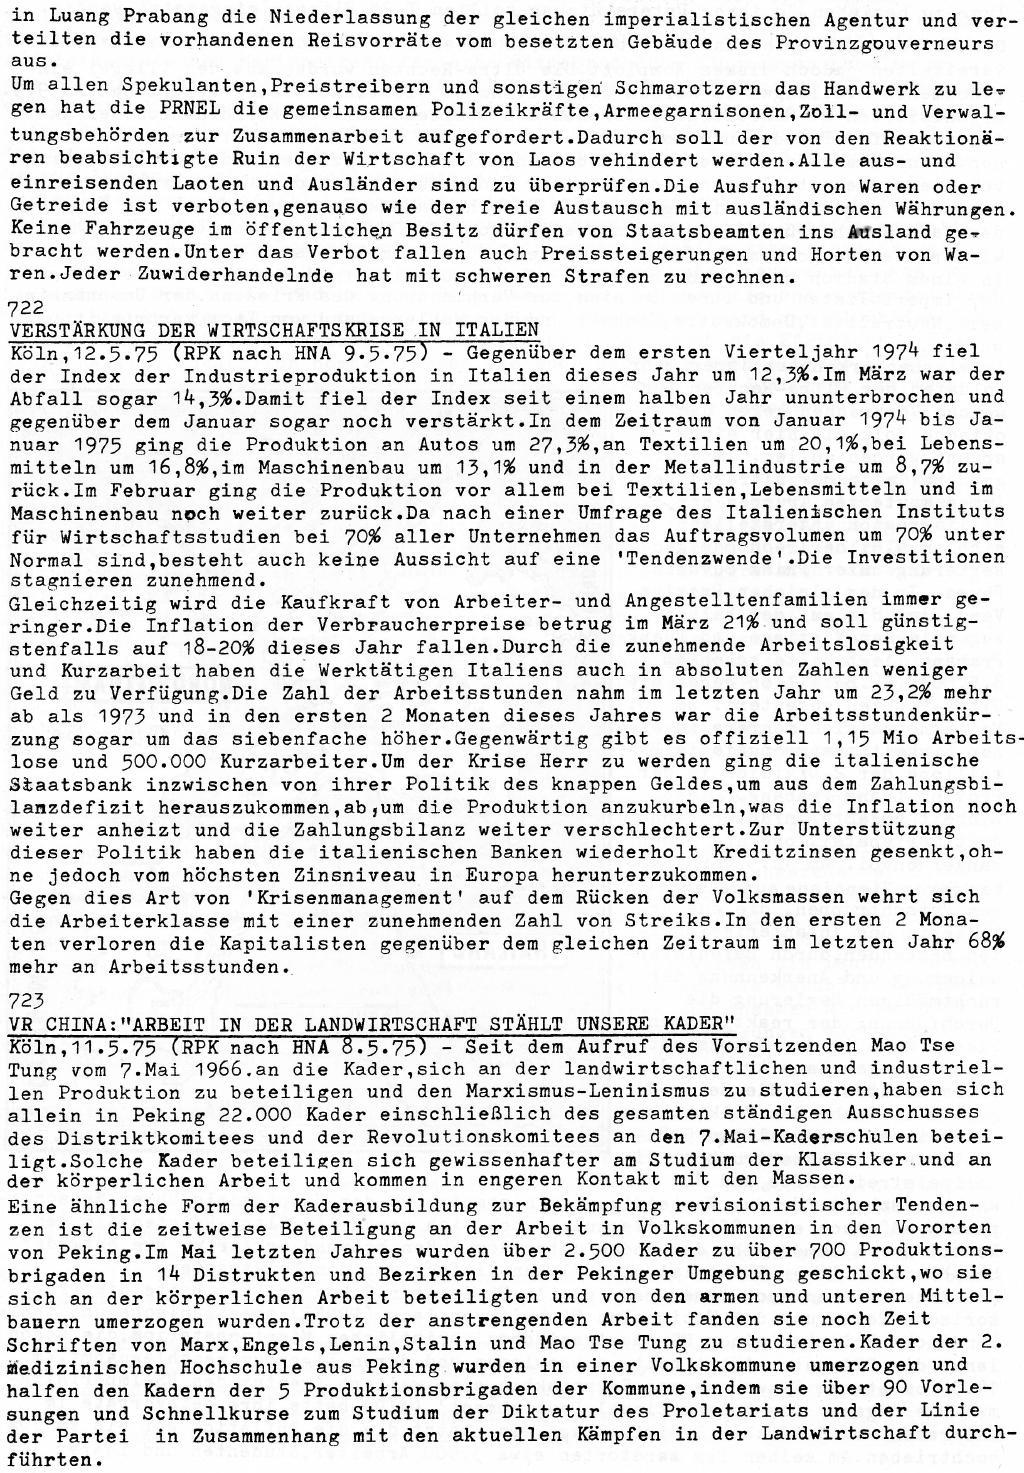 RPK_Pressedienst_1975_26_14